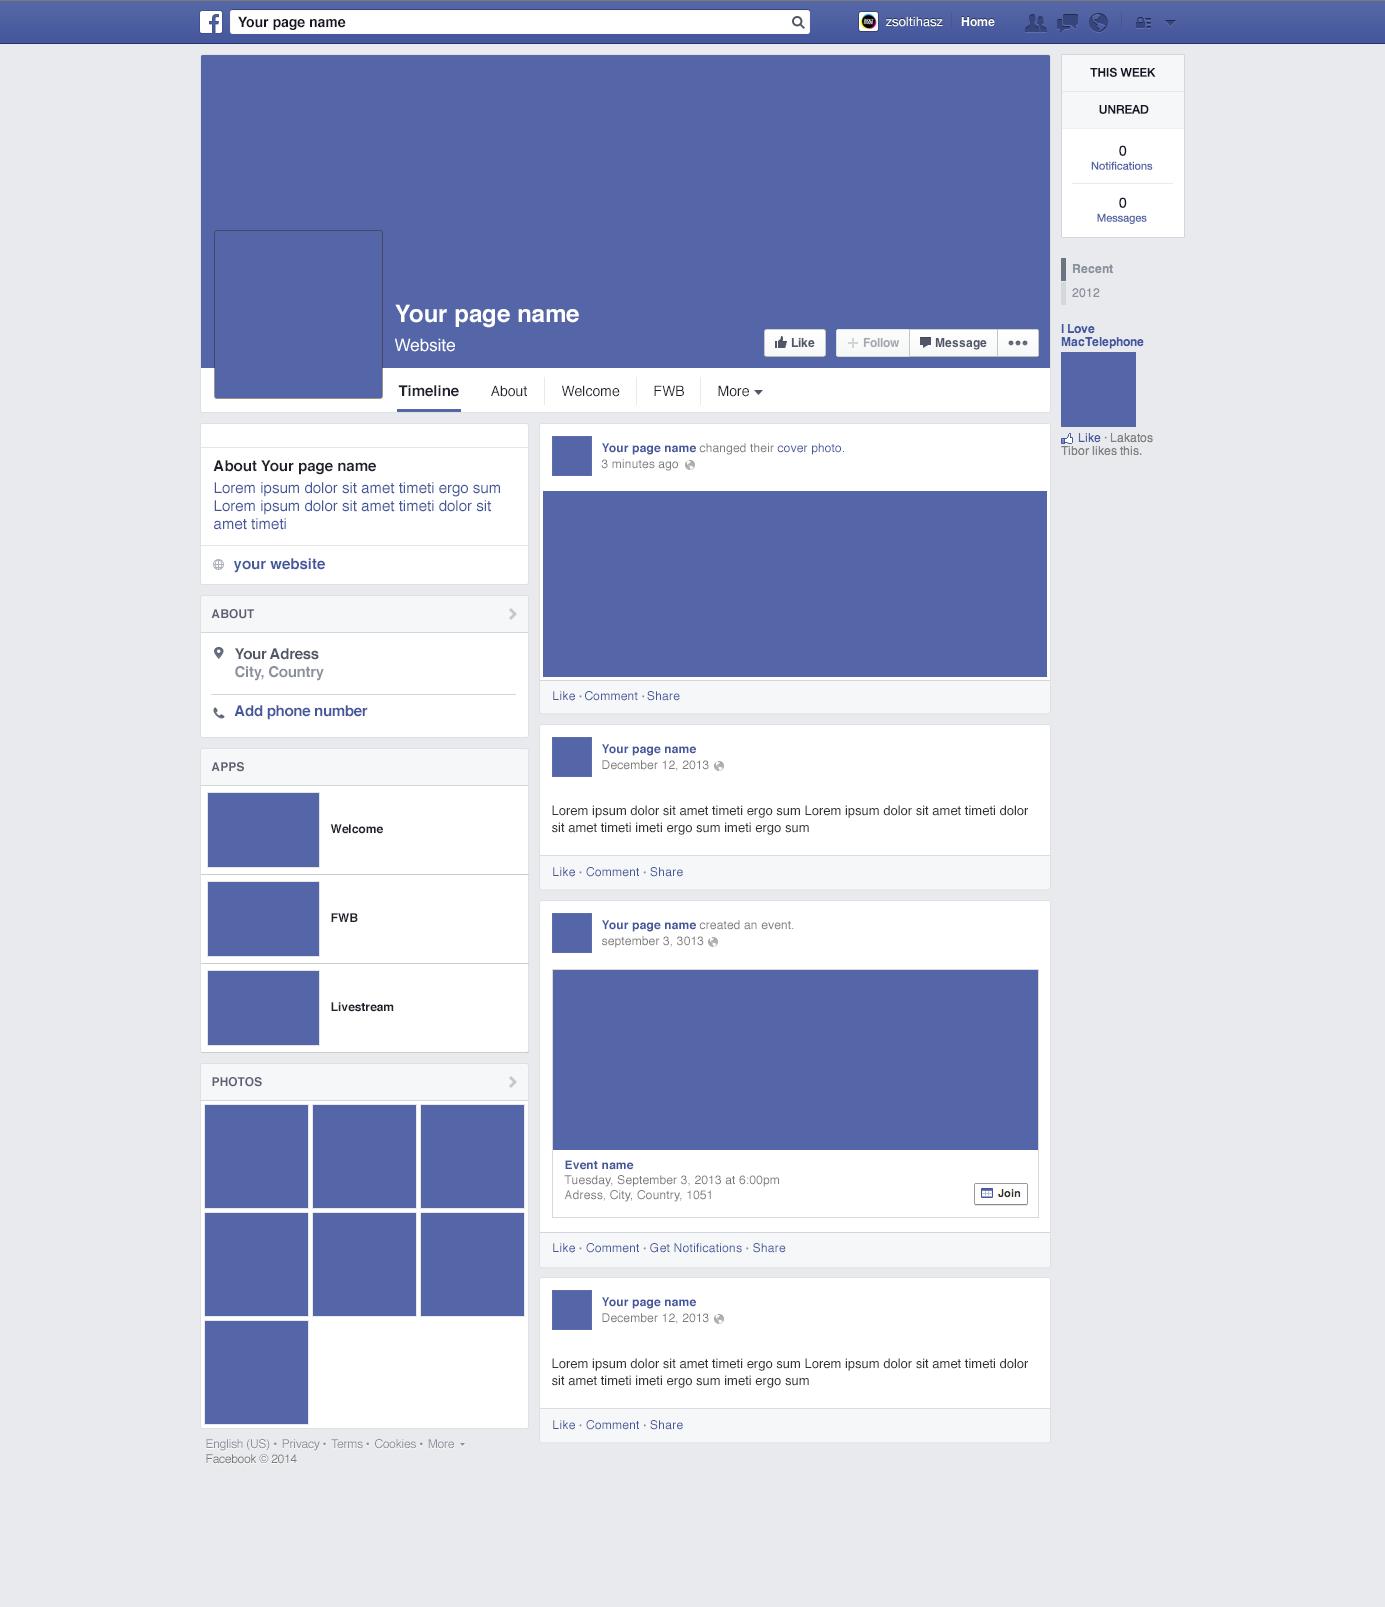 Tolle Facebook App Vorlage Bilder - Beispielzusammenfassung Ideen ...